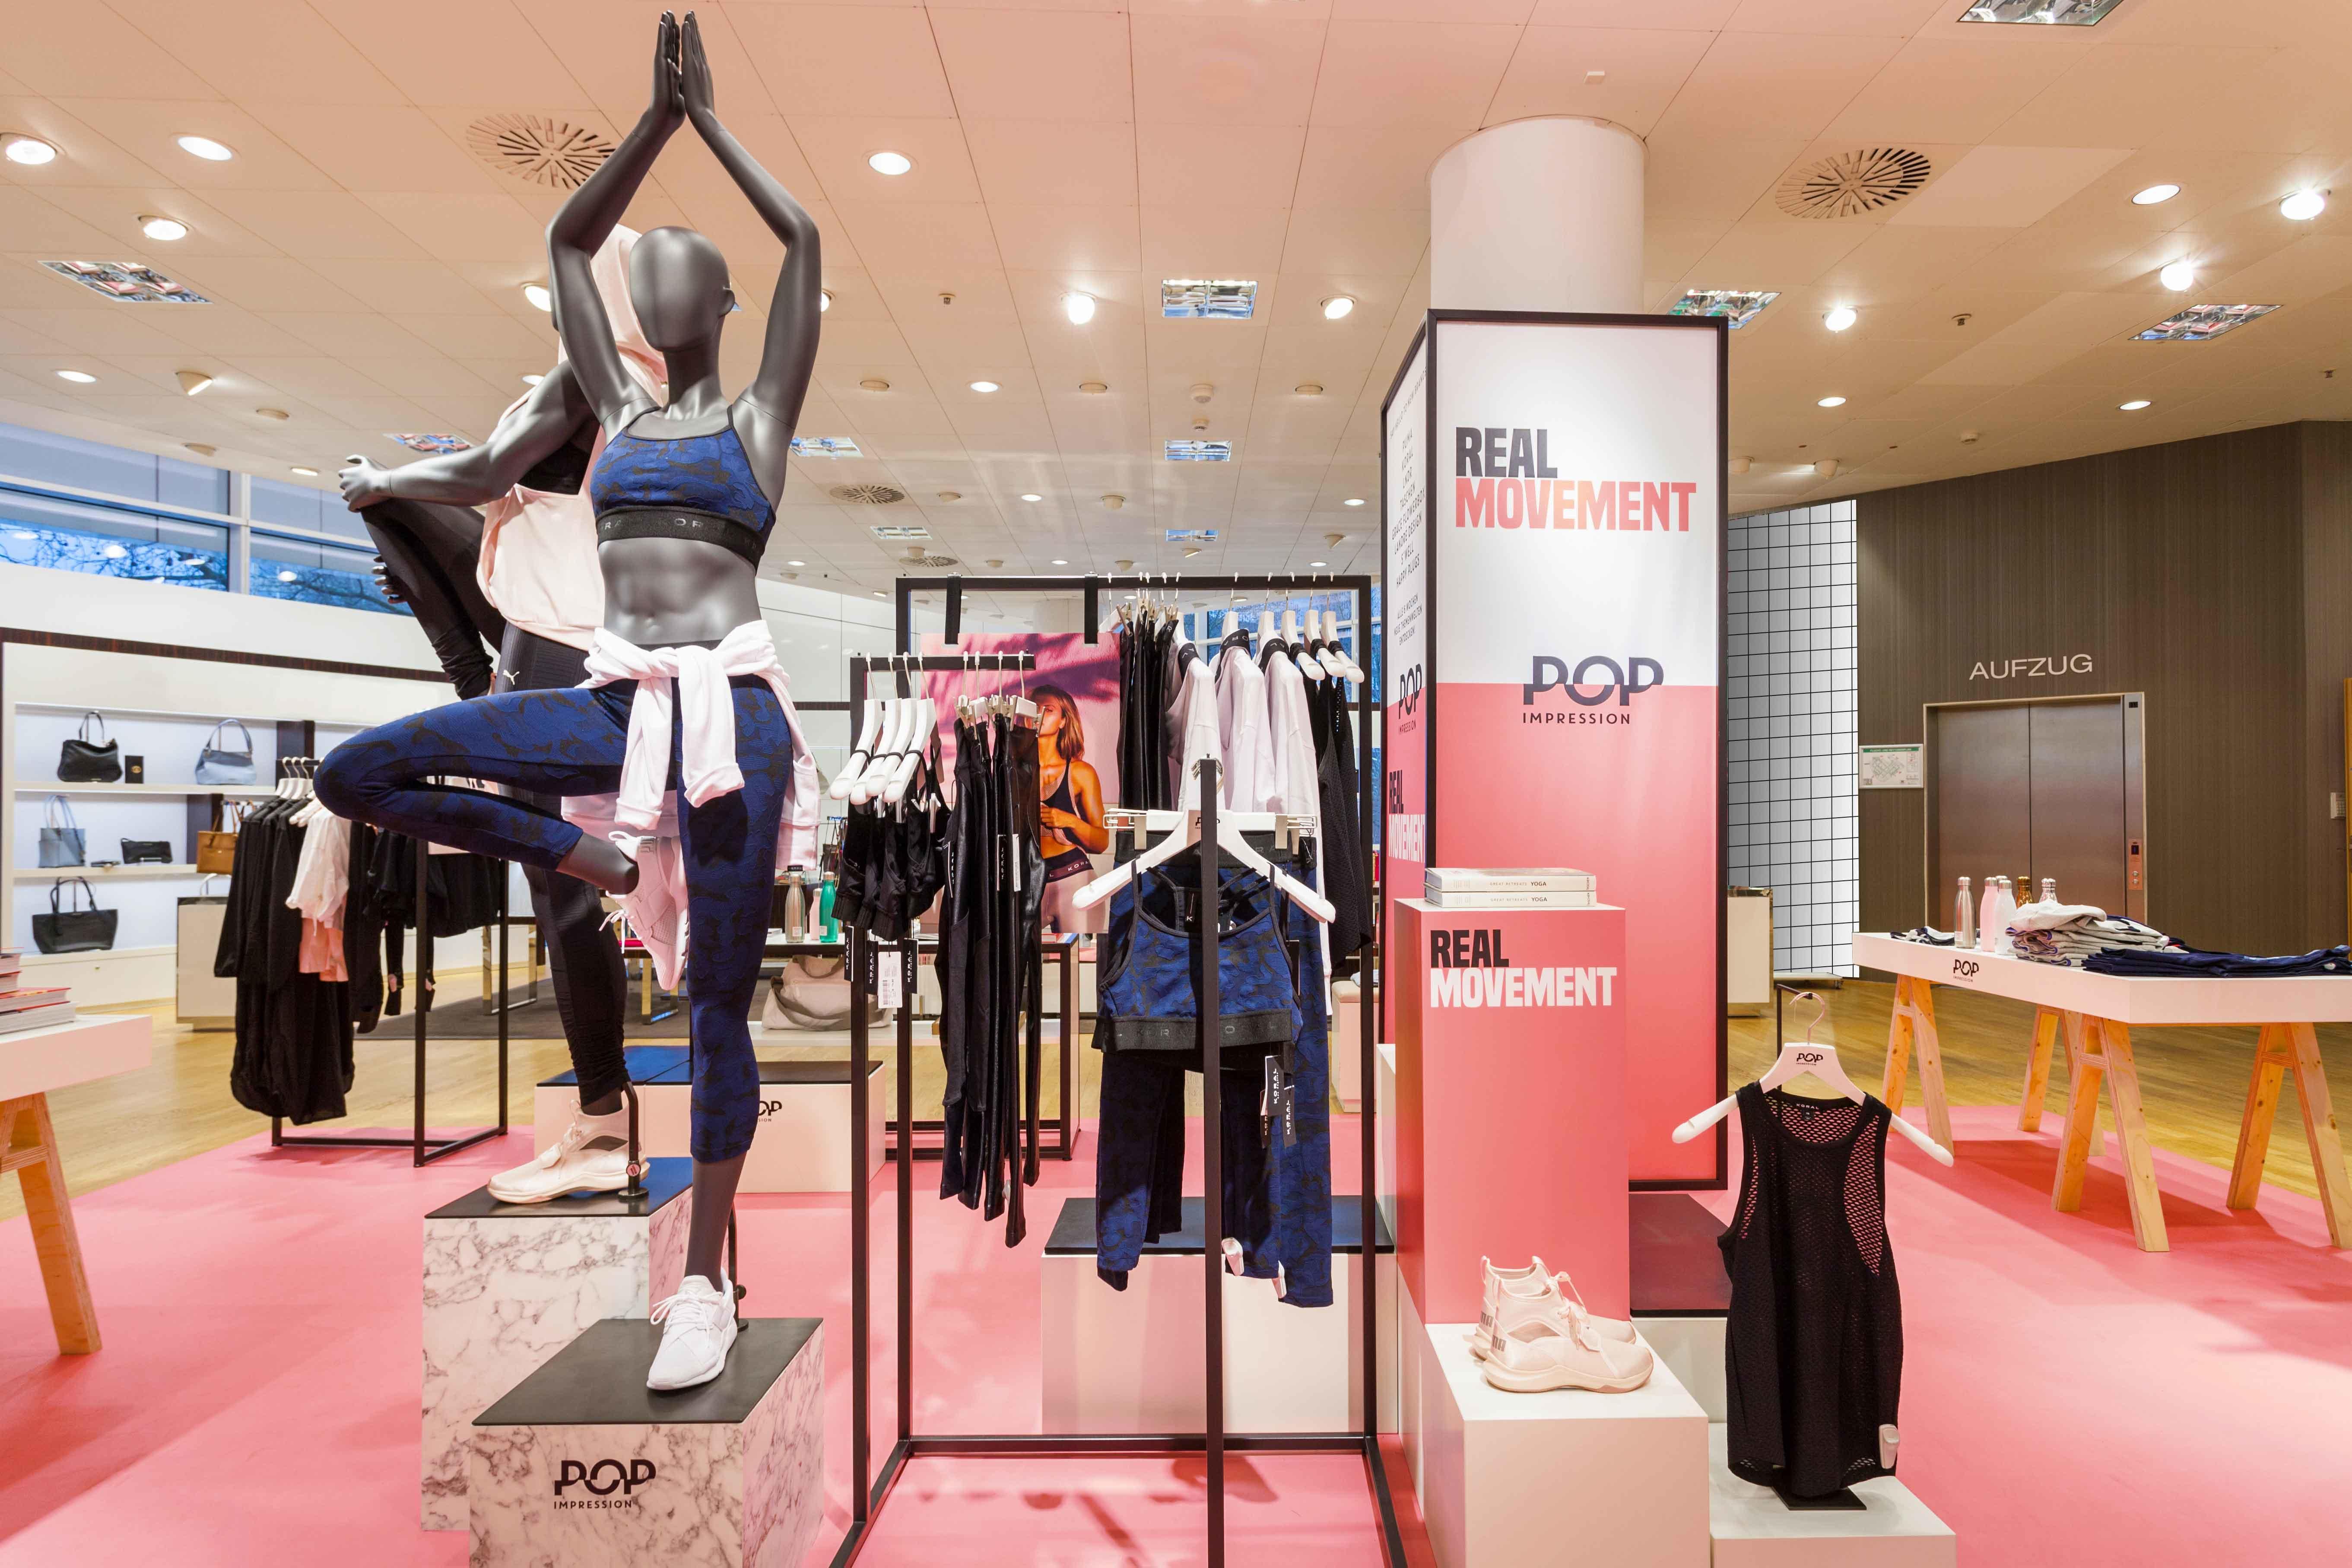 amazon another chance size 40 Peek & Cloppenburg - Kleider Und Accessoires in Köln ...